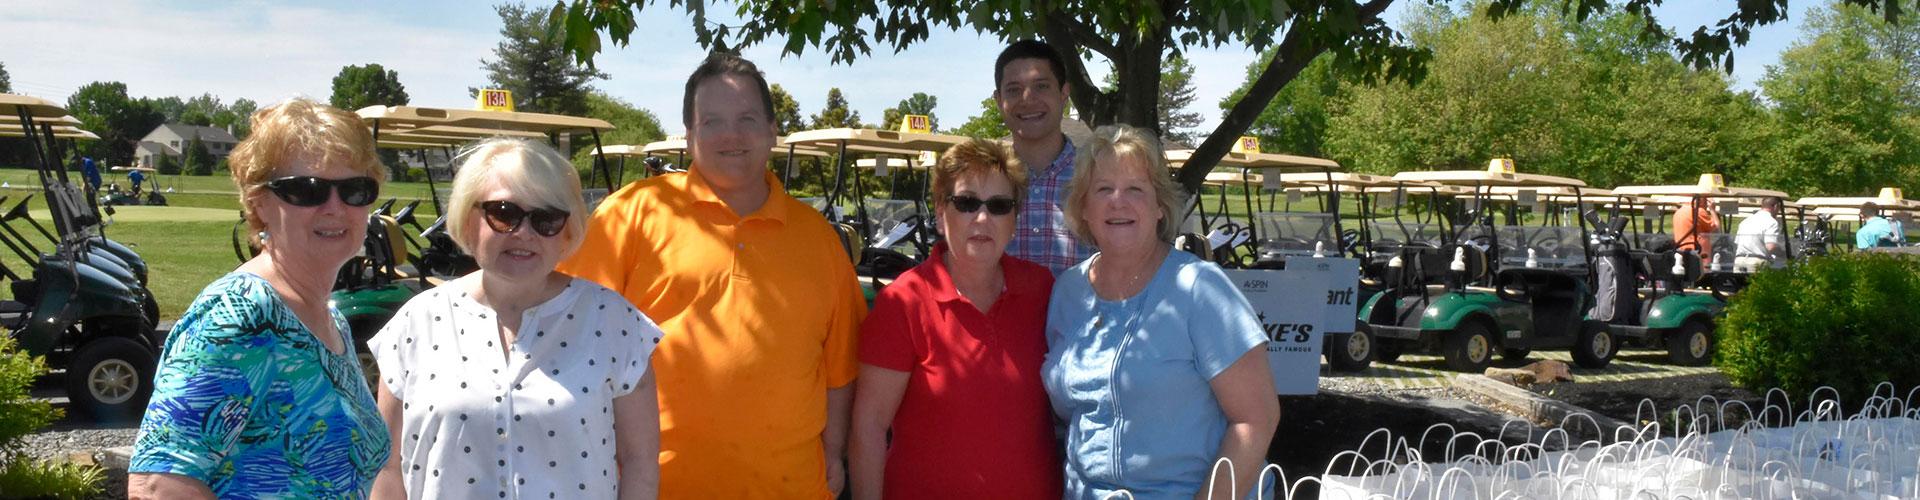 SPIN Golf Event Slider Image 3